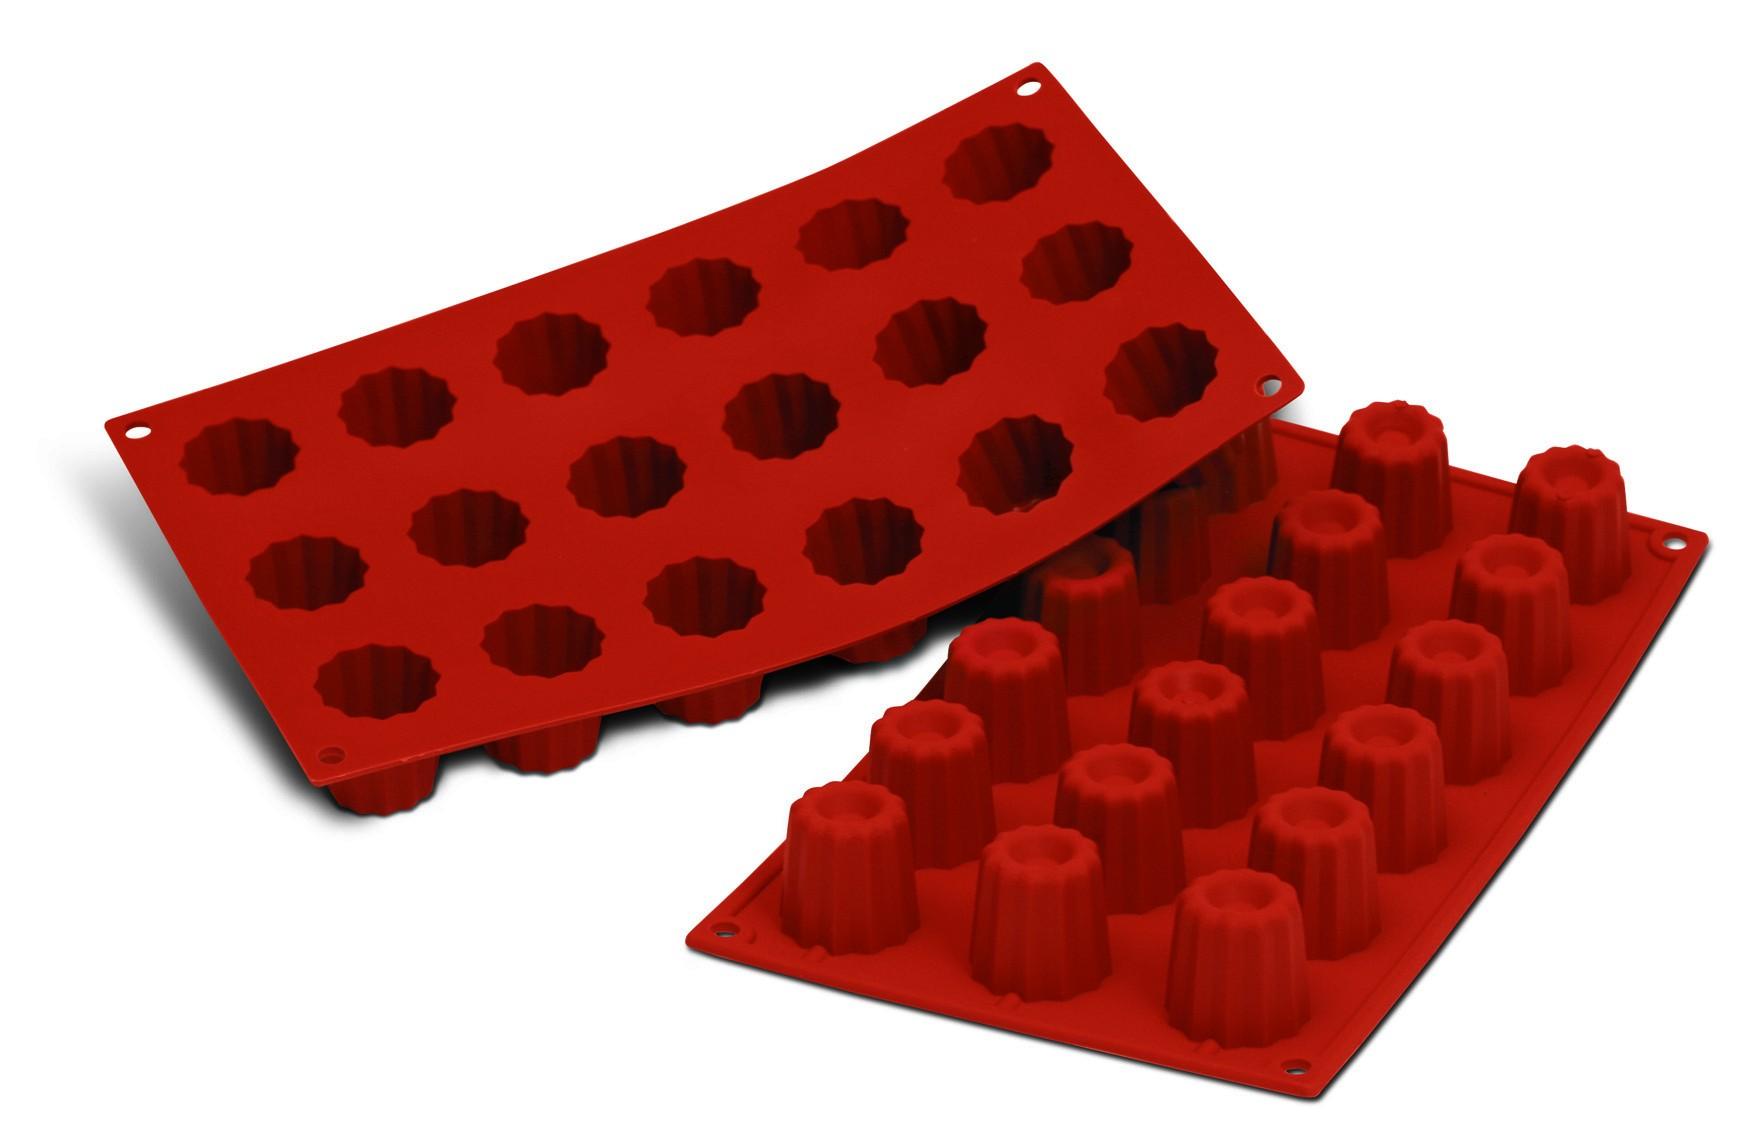 moule silicone 18 mini cannel s bordelais colichef. Black Bedroom Furniture Sets. Home Design Ideas